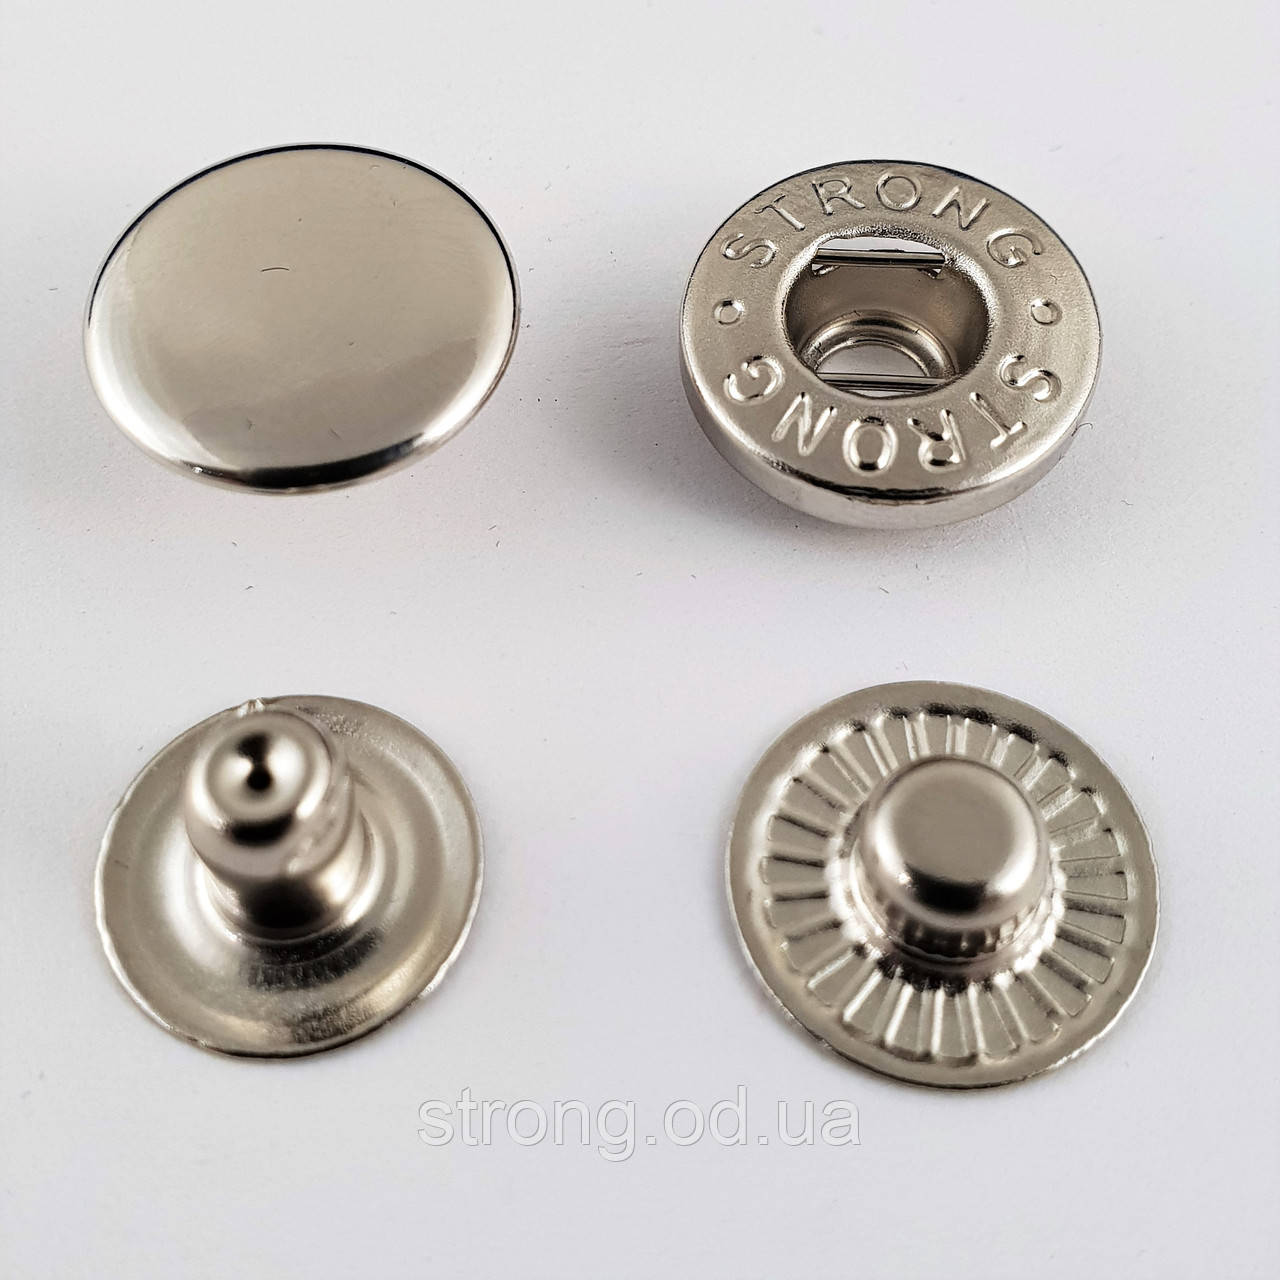 Кнопка Альфа 15мм Никель (720шт.)